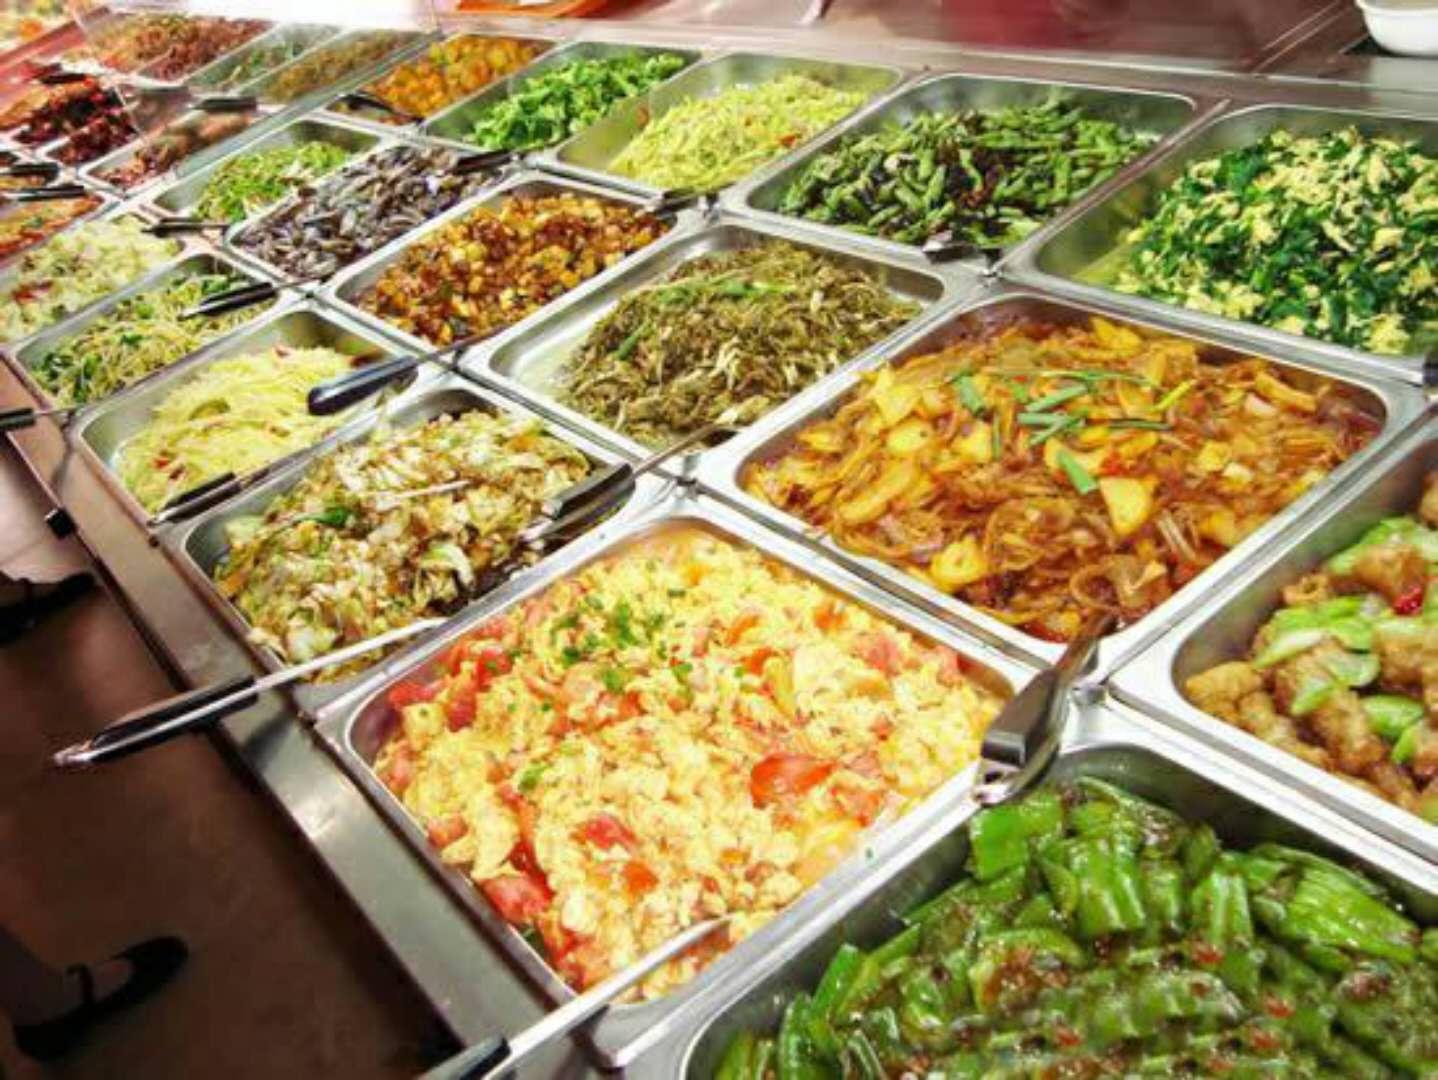 权威的食堂承包服务膳鼎餐饮管理有限公司——专业的食堂承包